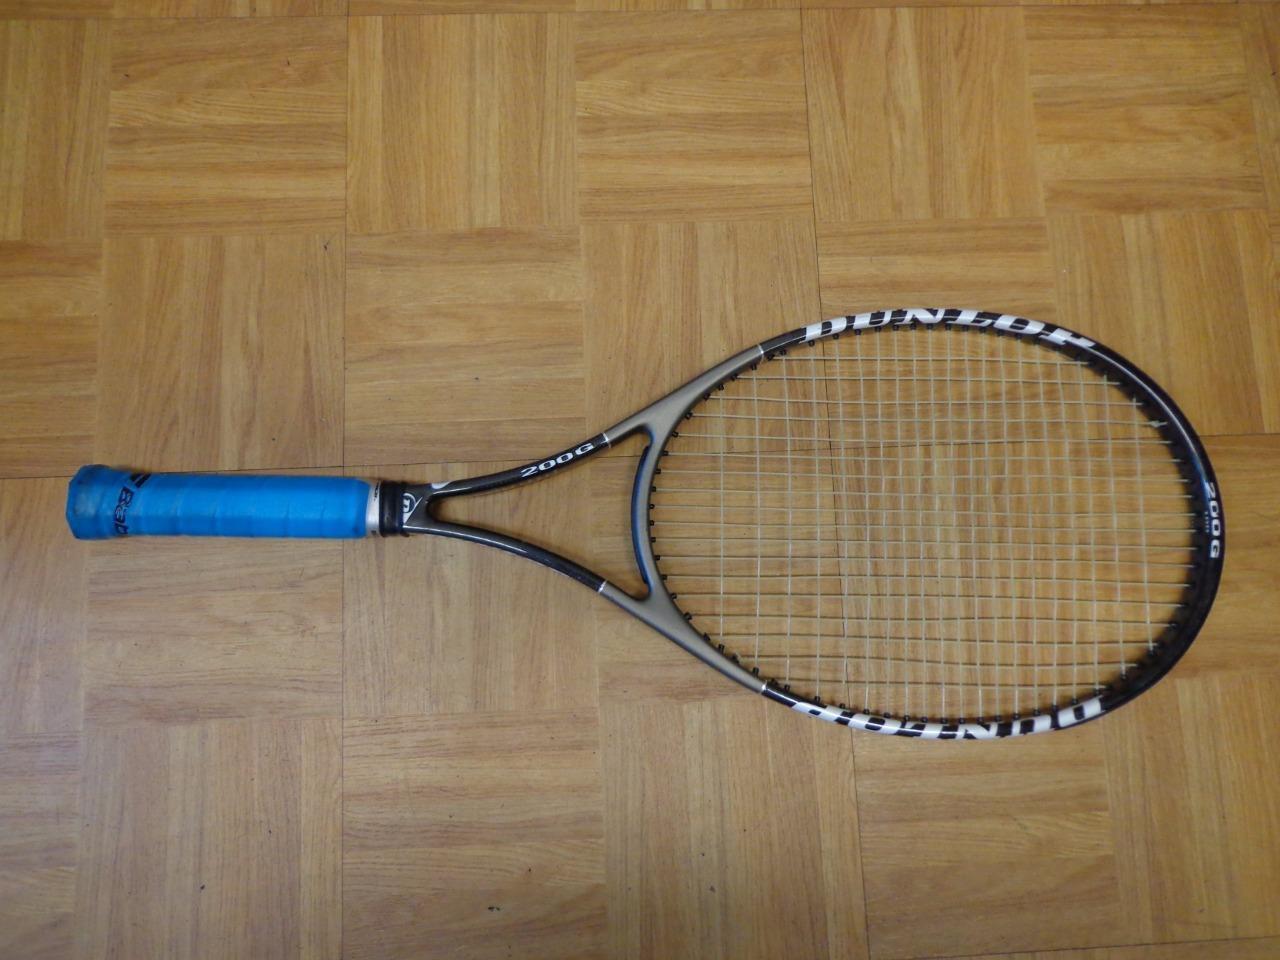 Dunlop Muscle Weave 200G 100 headsize 4 1 2 grip Tennis Racquet